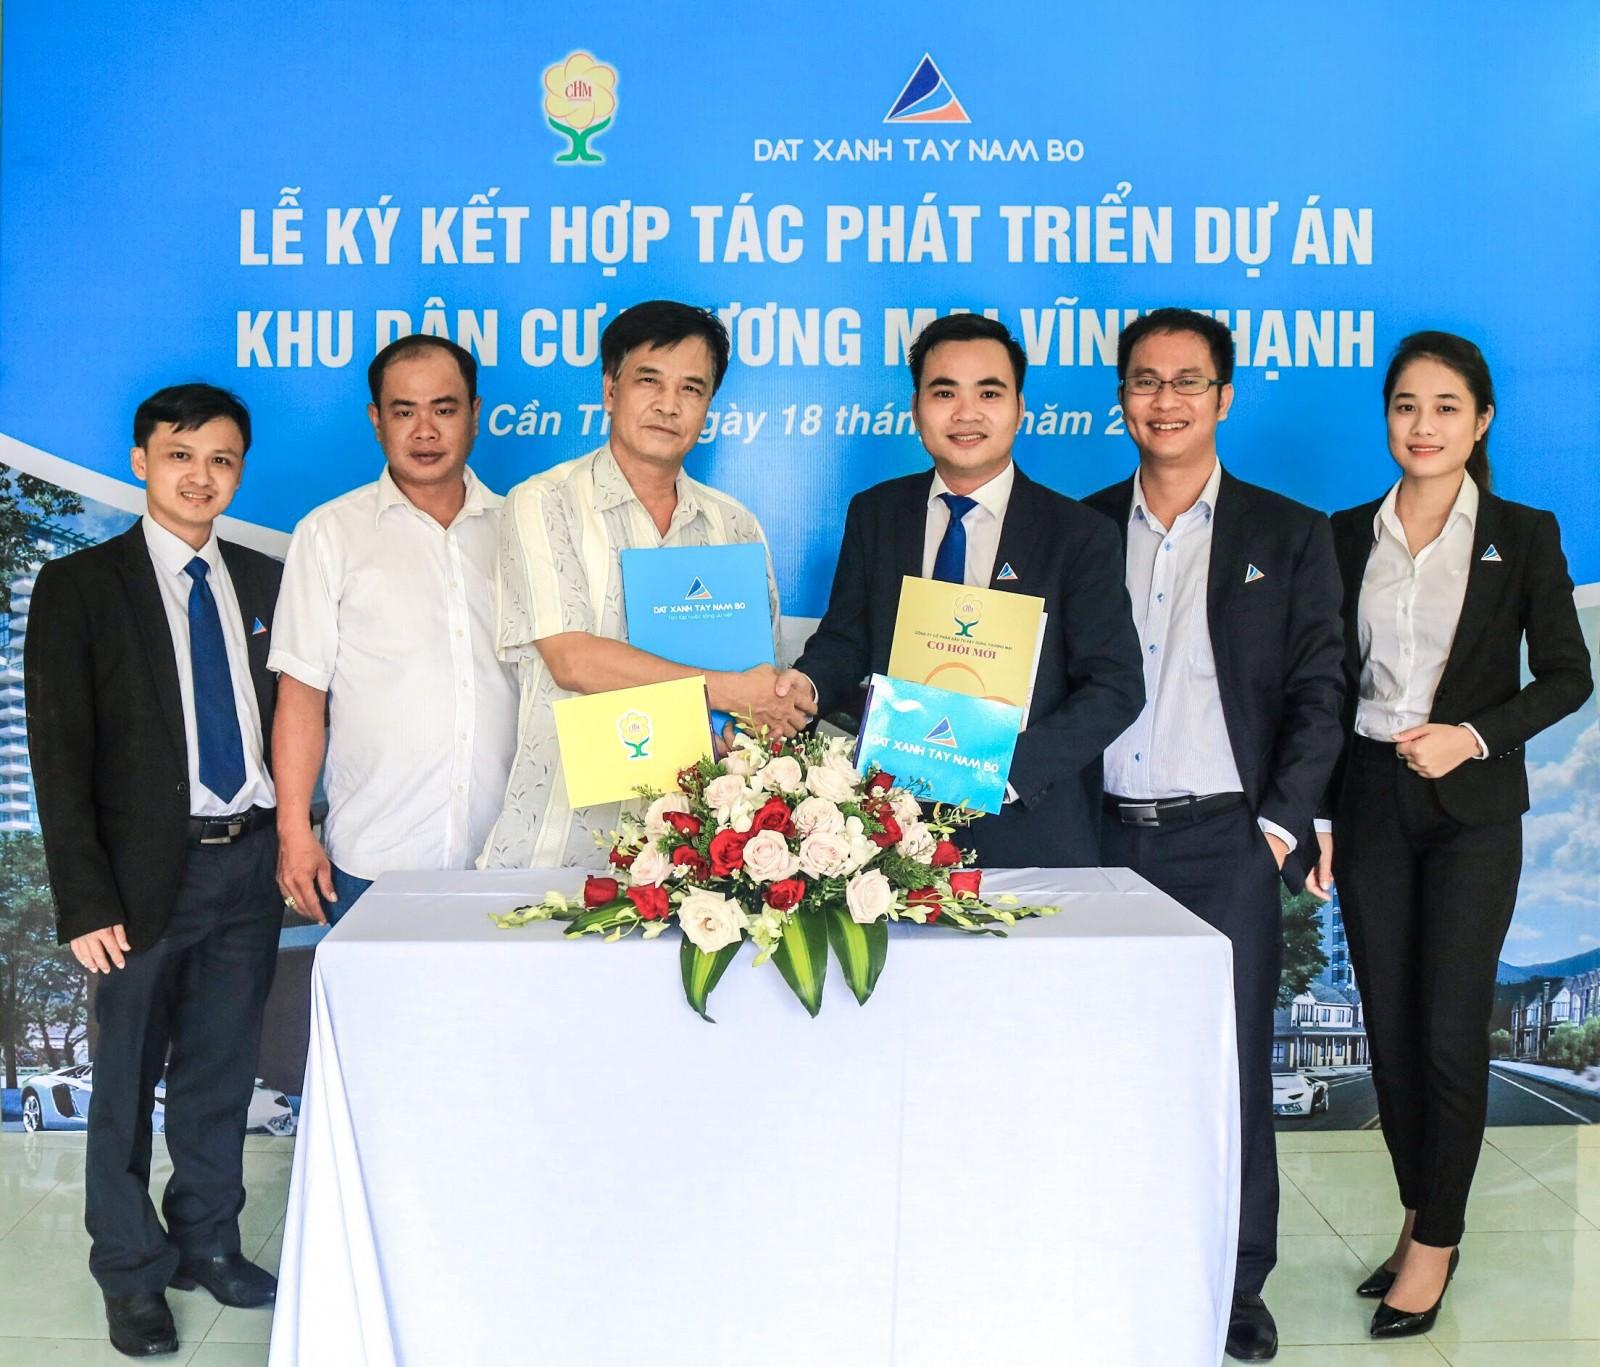 Đất xanh Tây Nam Bộ chính thức trở thành Nhà phát triển Dự án Khu dân cư và Trung tâm thương mại Vĩnh Thạnh